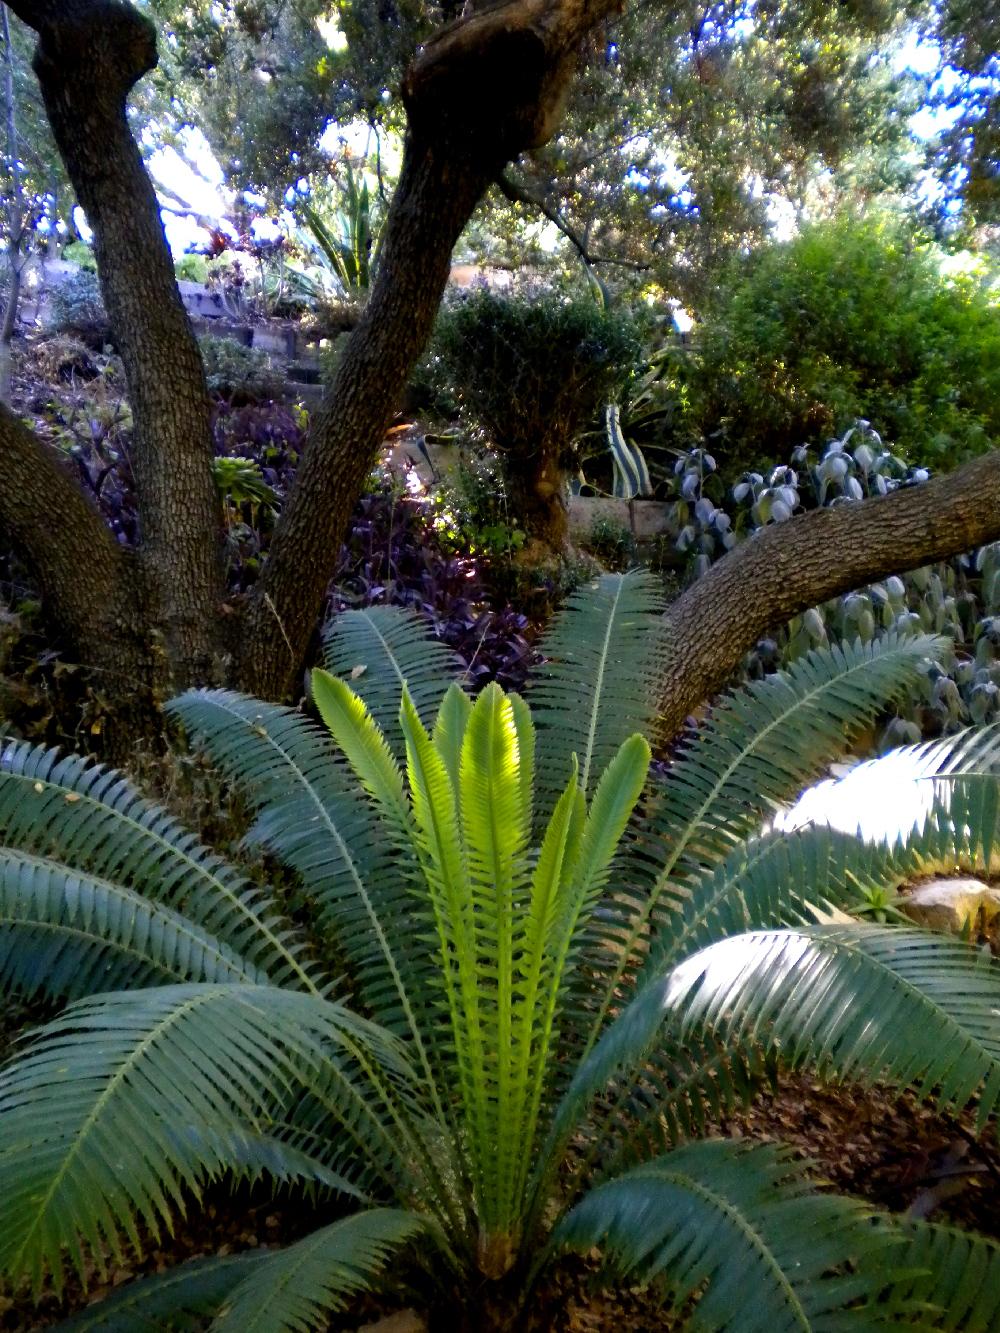 Cycad under oaks